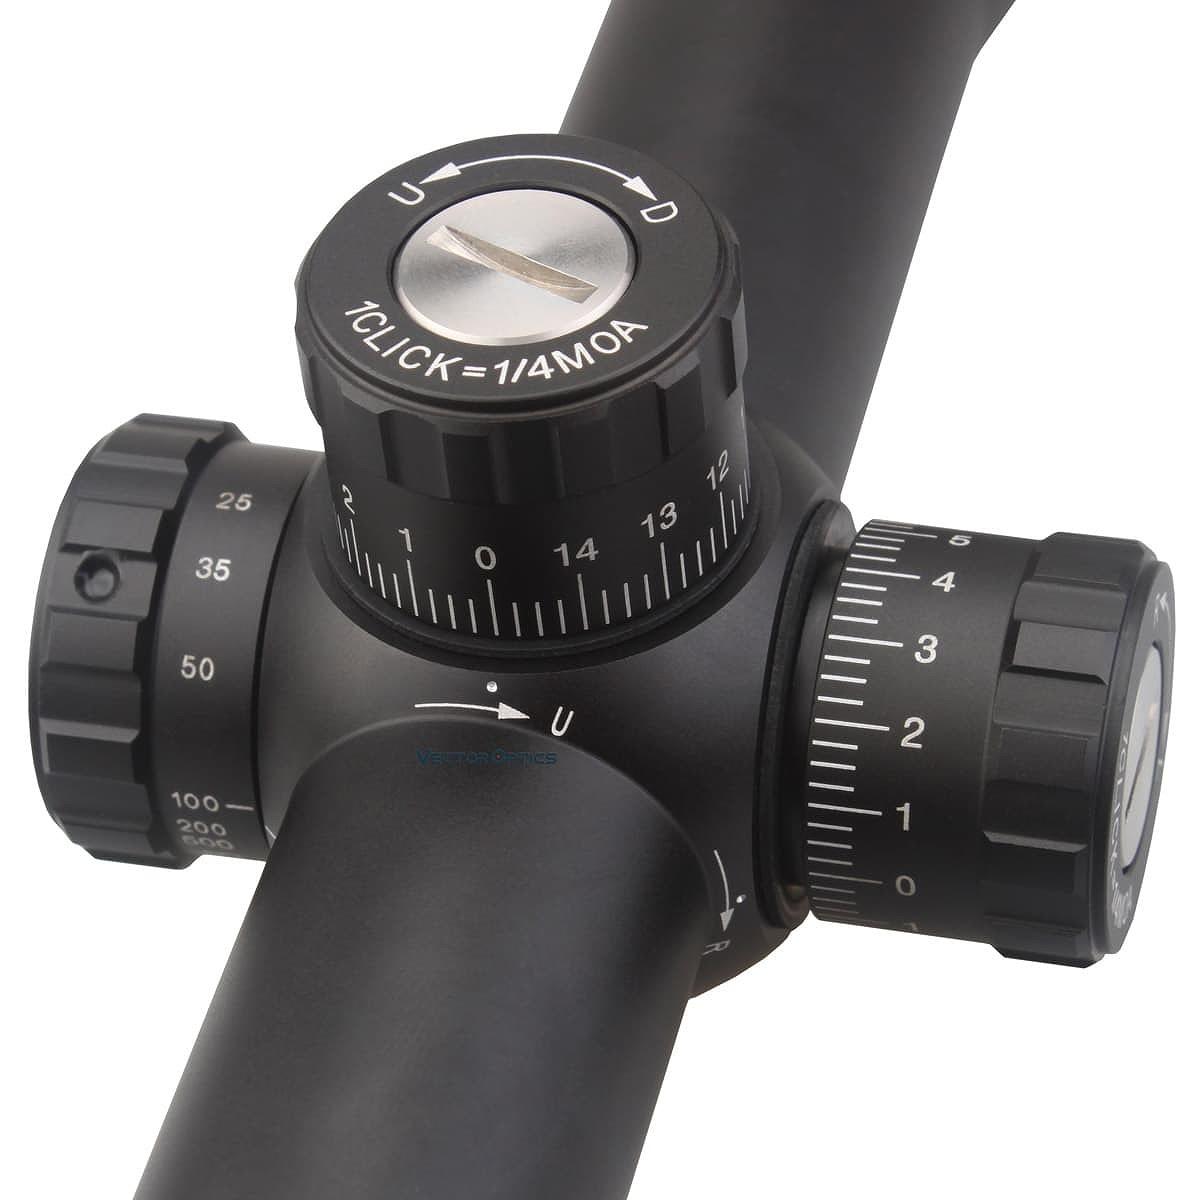 【お届け予定日: 6月30日】ベクターオプティクス ライフルスコープ Everest 3-18x50 GenII  Vector Optics SCOL-06II